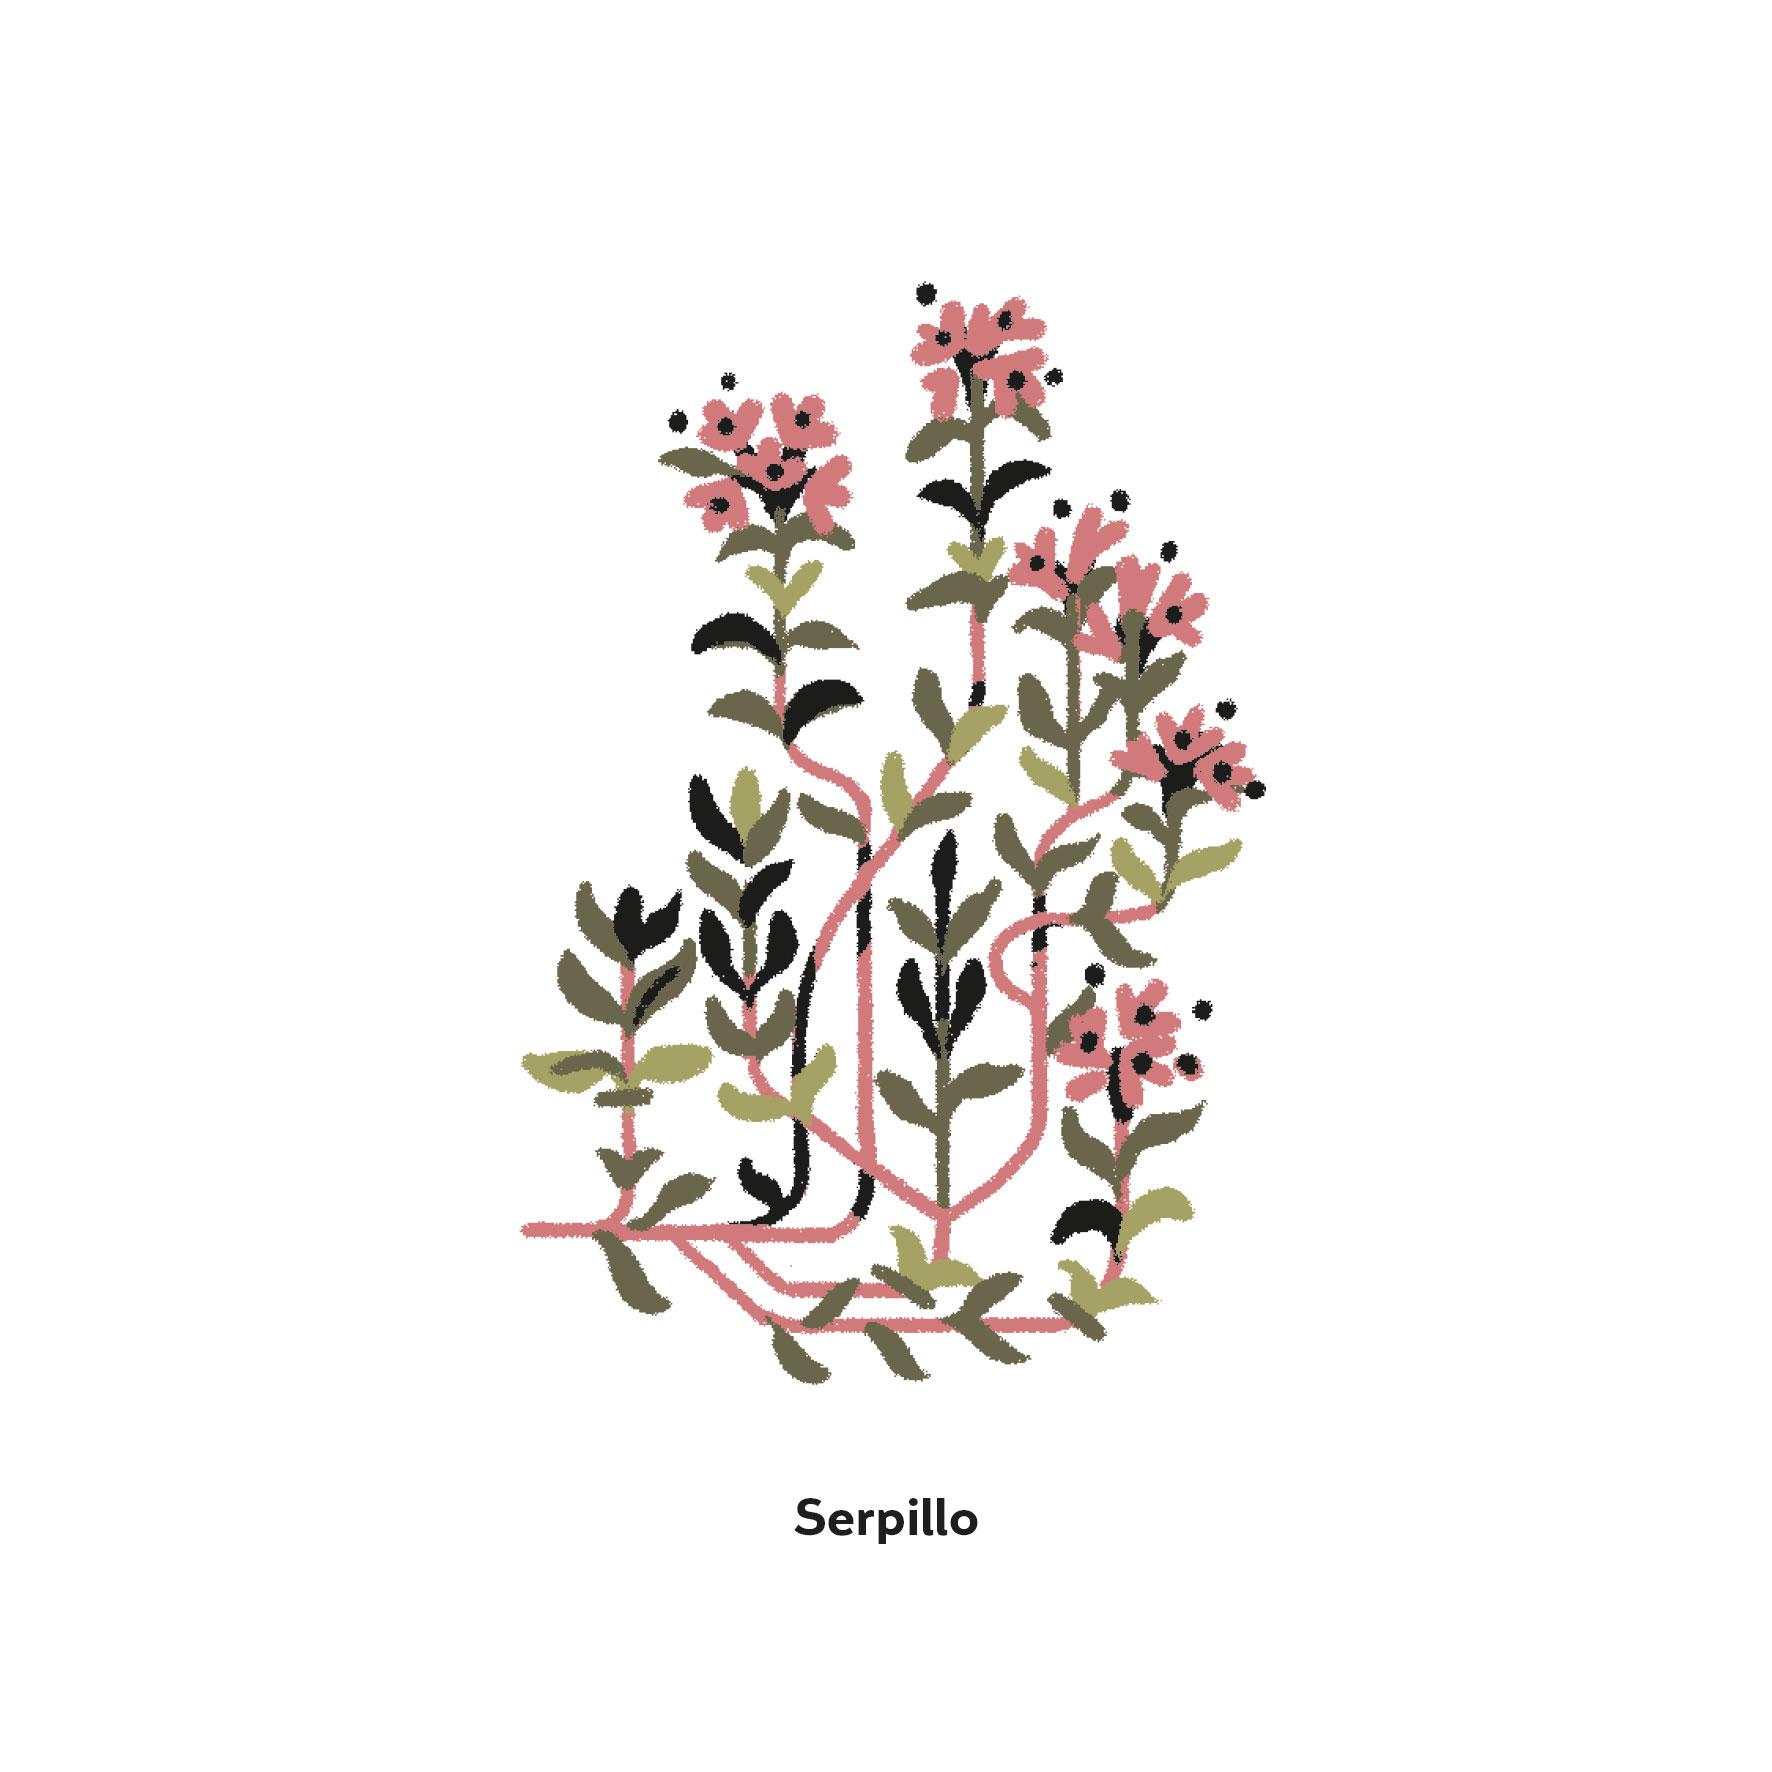 Serpillo